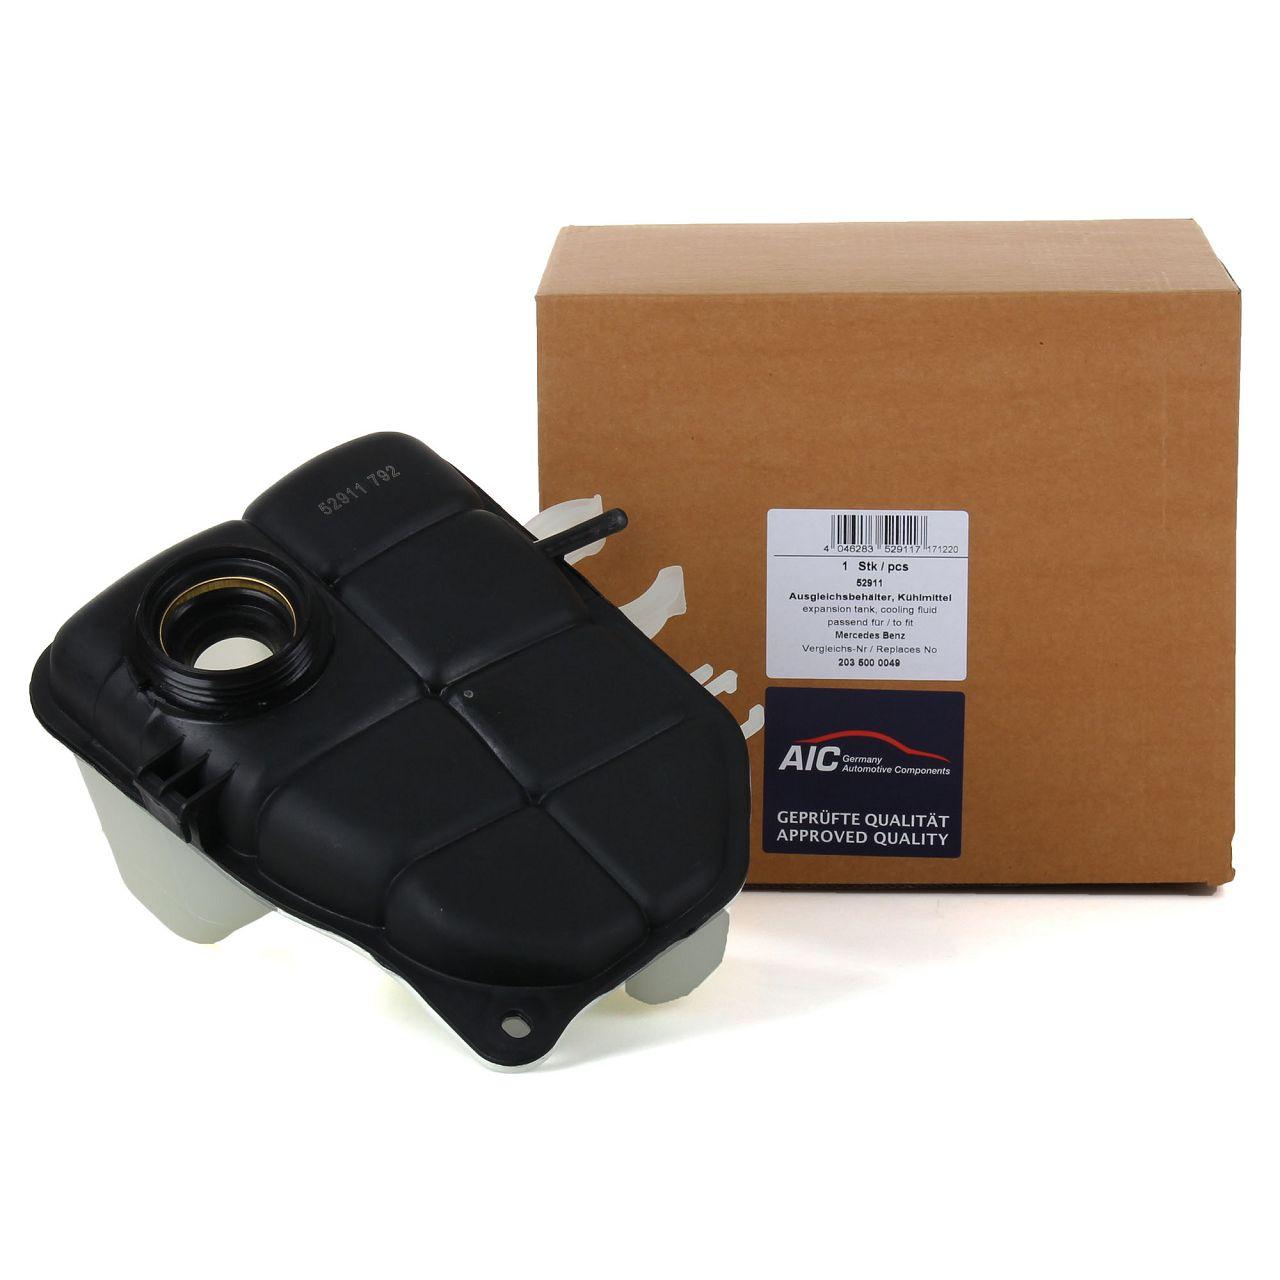 AIC Ausgleichsbehälter Kühlwasser für MERCEDES W203 S203 CL203 CLK C209 A209